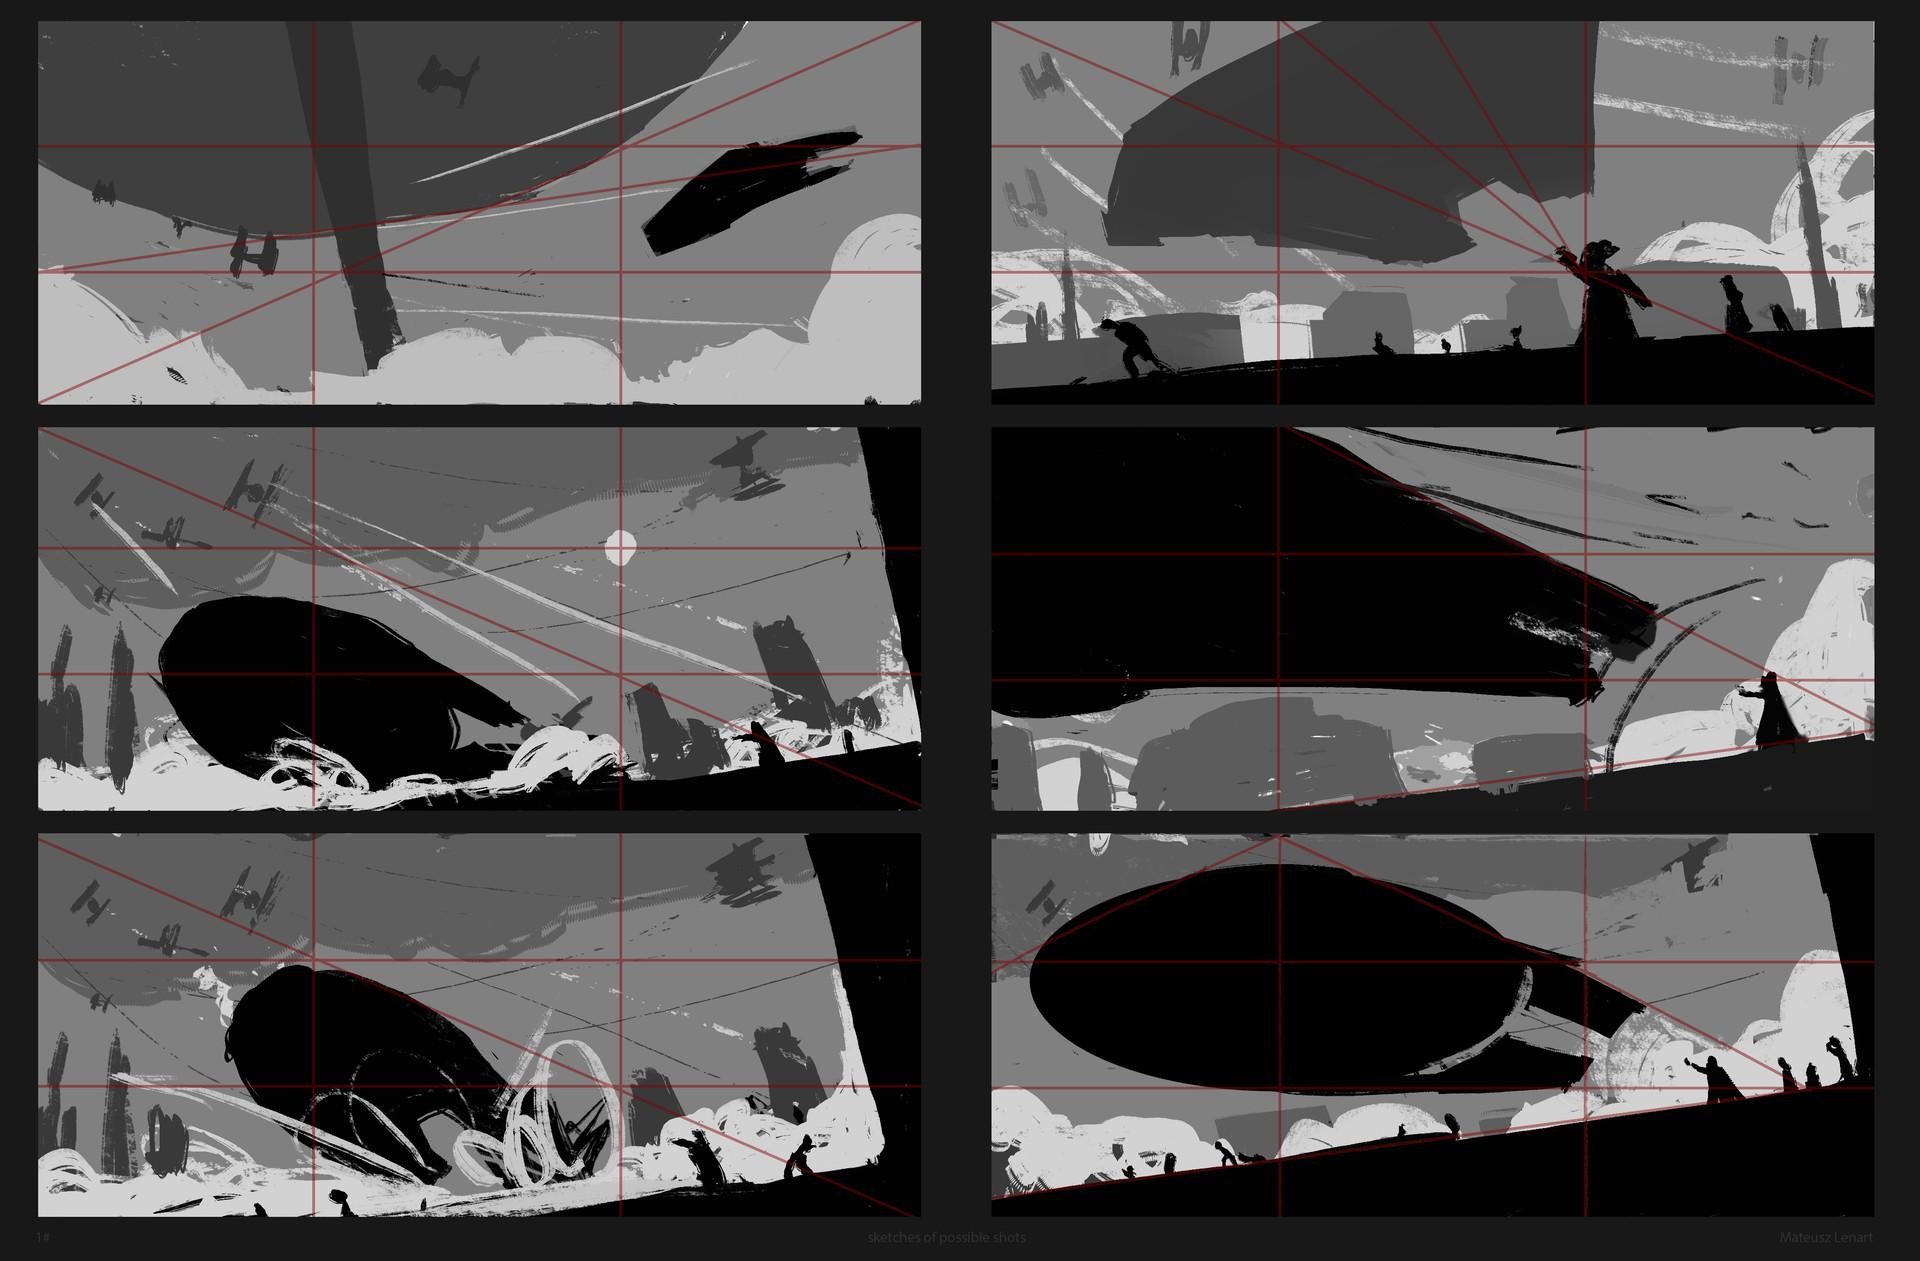 Mateusz lenart cloud city progress 1 sketches